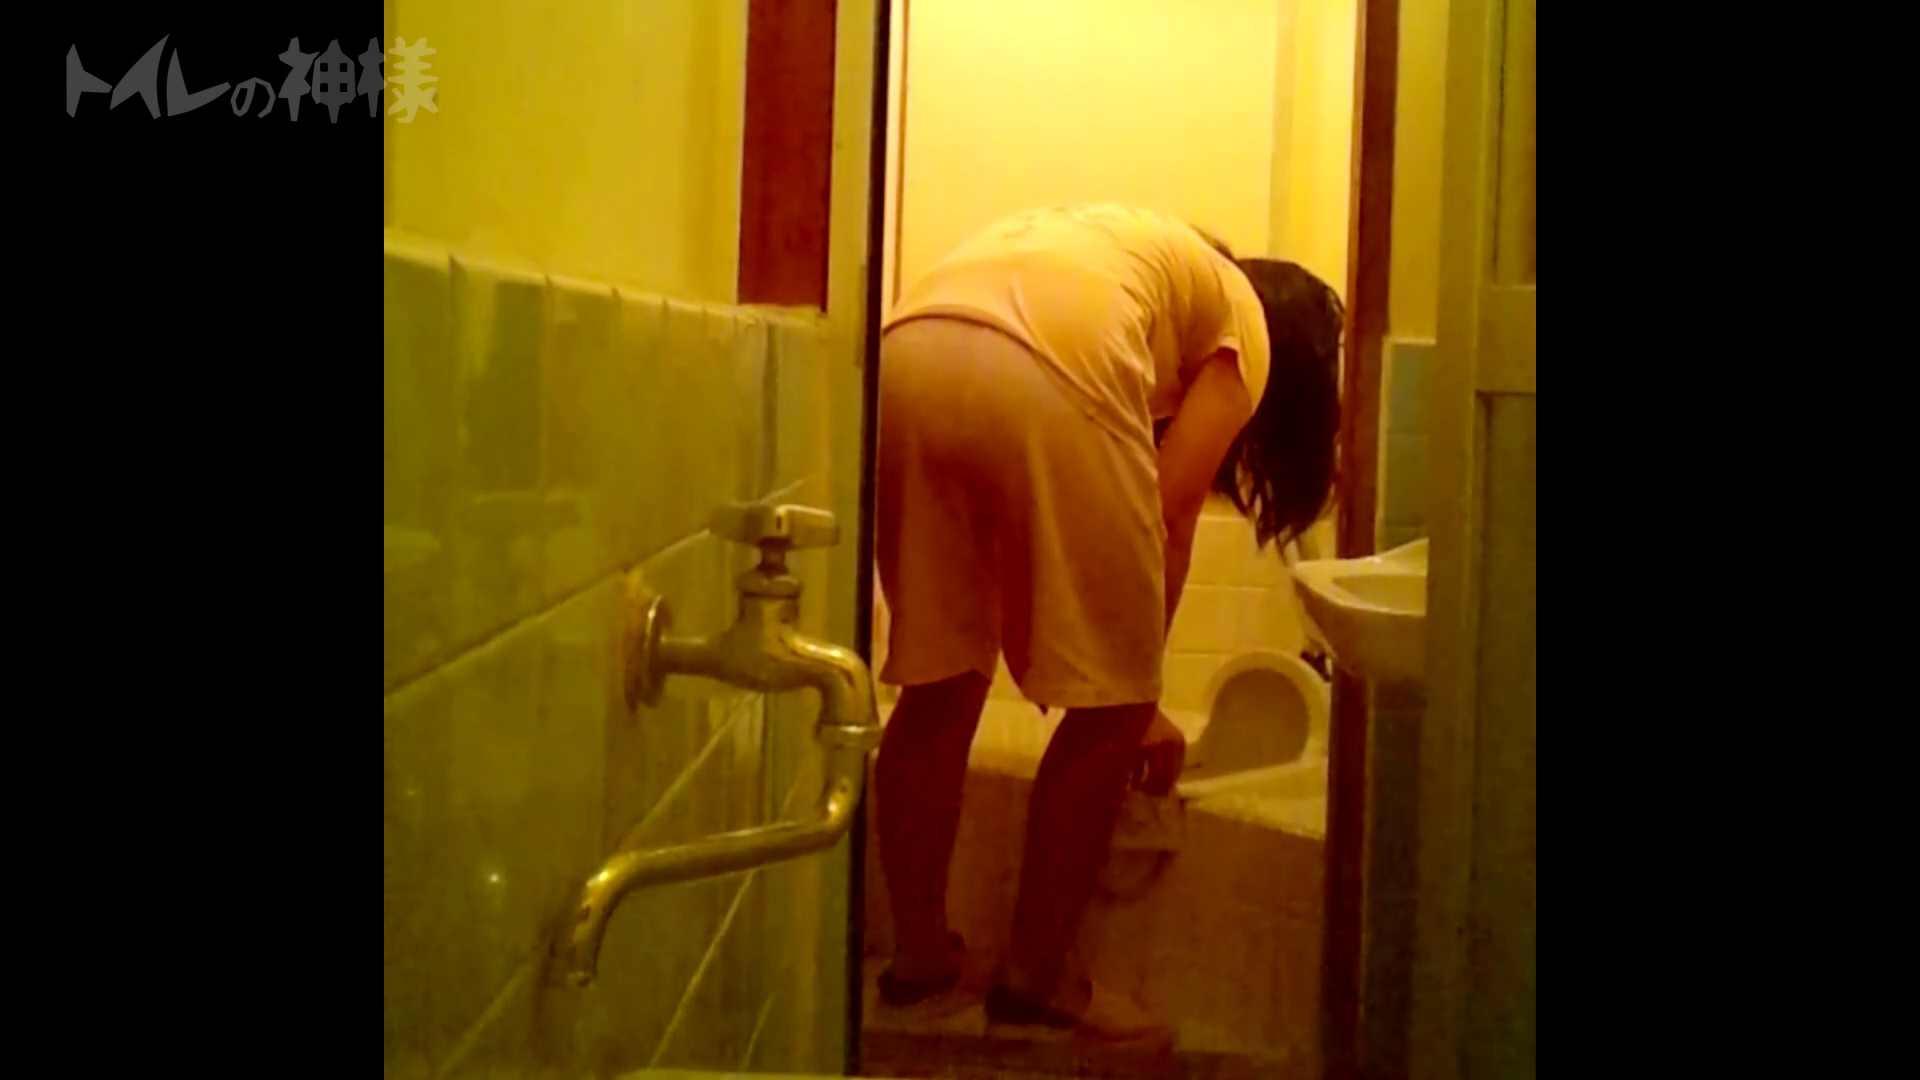 トイレの神様 Vol.08 プリントしたお・し・り OLのボディ  98PIX 14